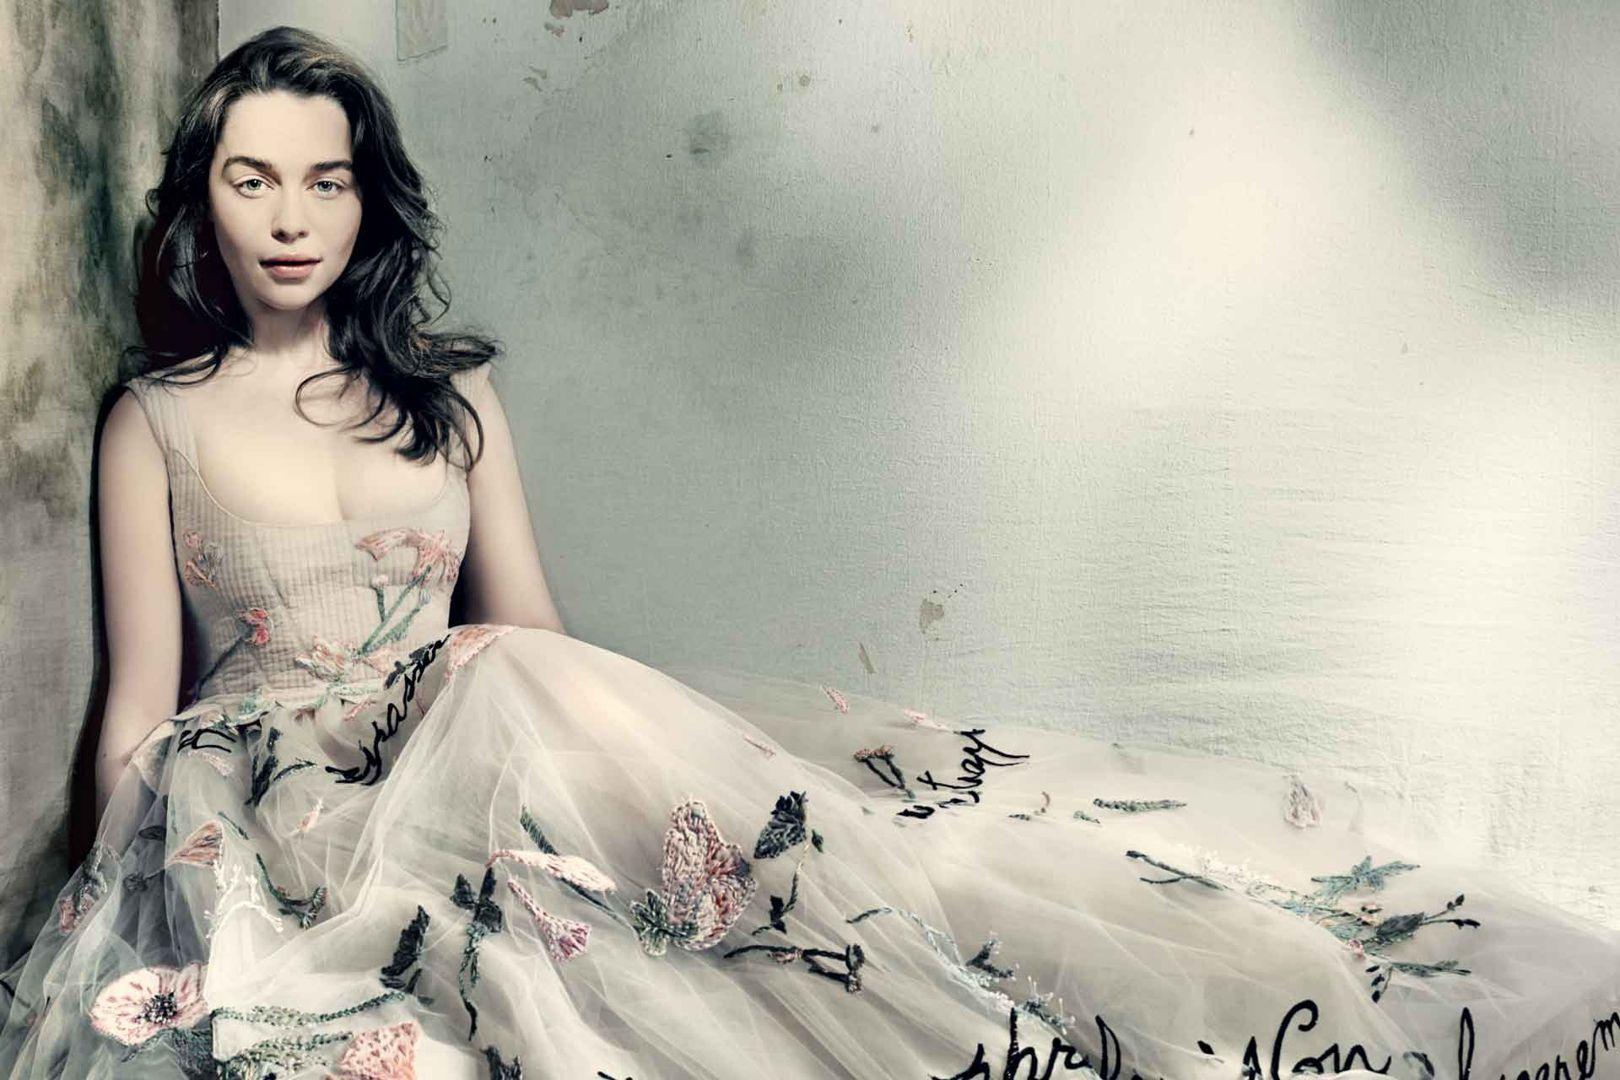 emilia-clarke-may15-p184-vogue-paolo-roversi ТОП 10 самых красивых платьев в мире: рейтинг на фото